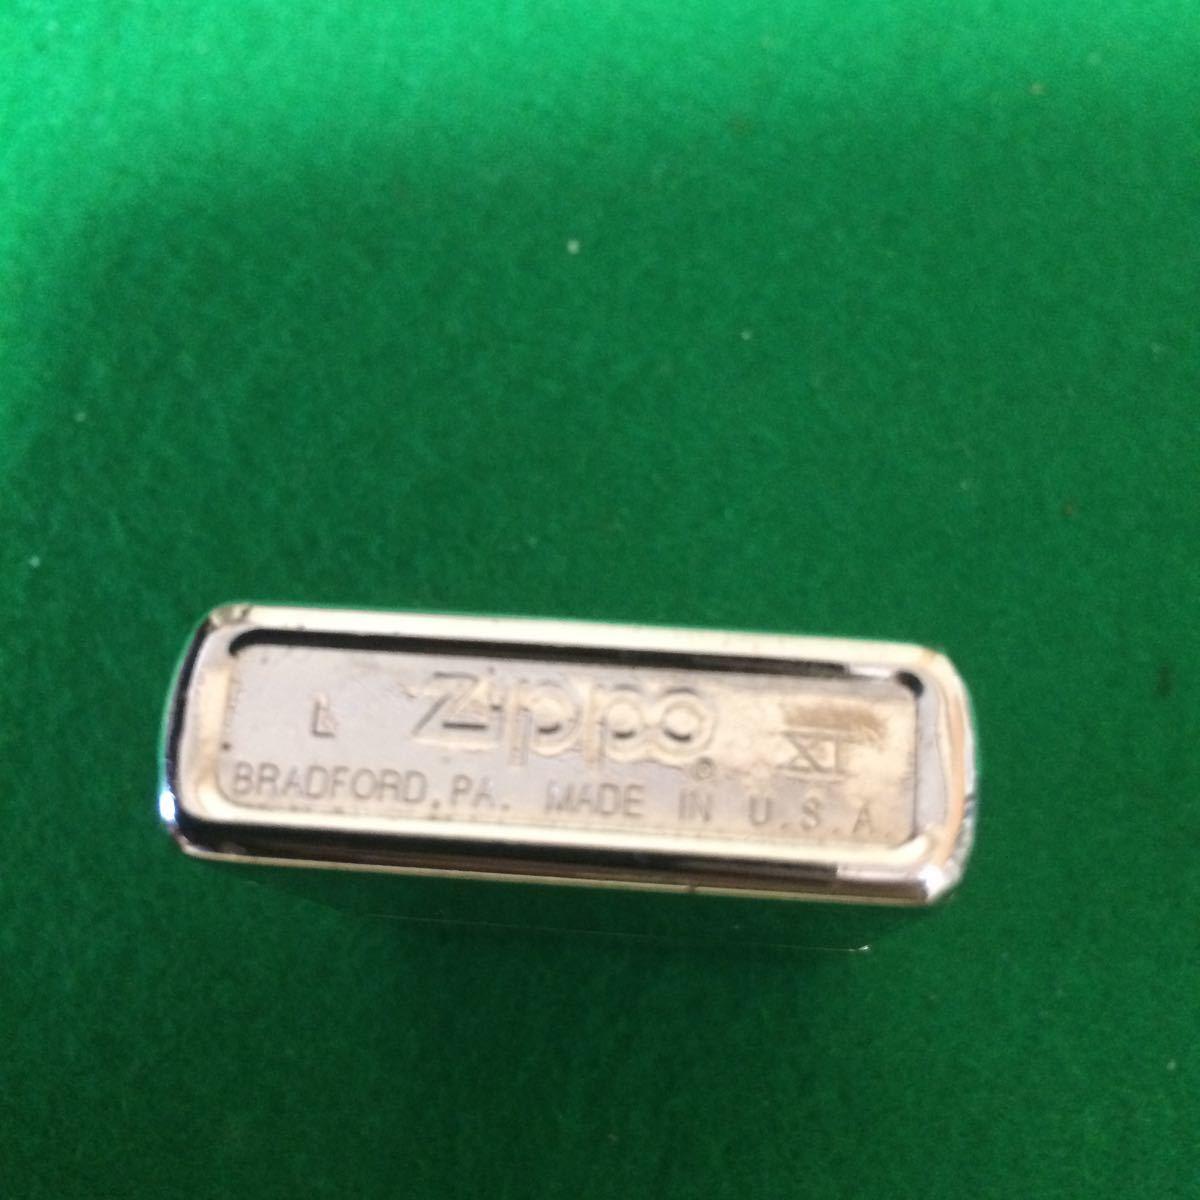 古い ビンテージ ZIPPO limited 古いジッポー ライター アンティーク コレクション レア リミテッド 希少品 MADE IN U.S.A.(33)_画像5